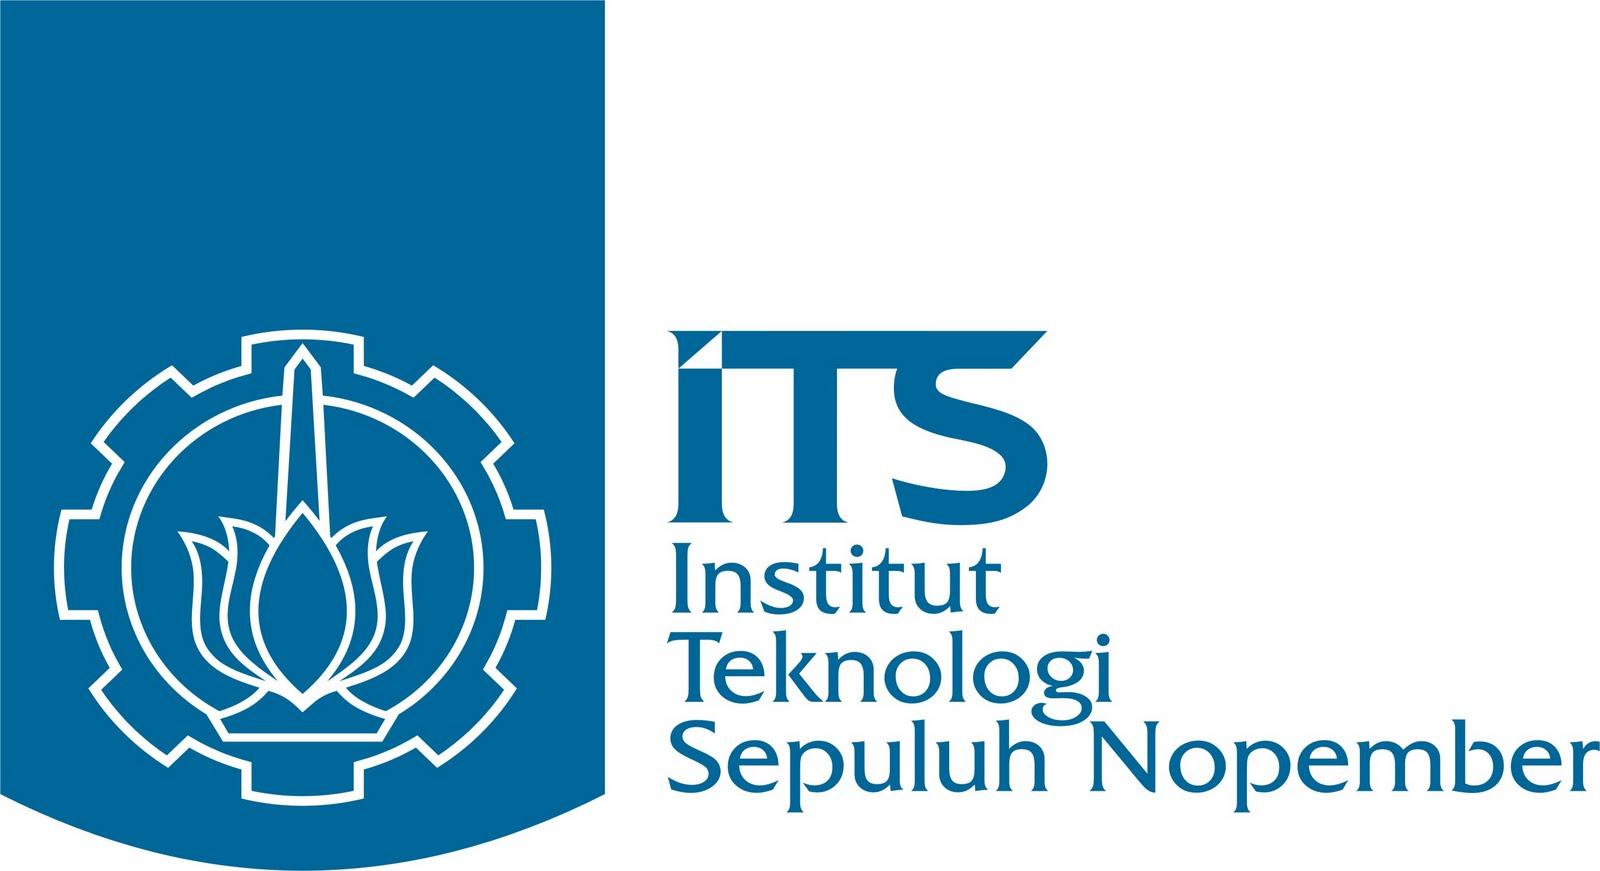 Prediksi Passing Grade Institut Teknologi Sepuluh Nopember ITS